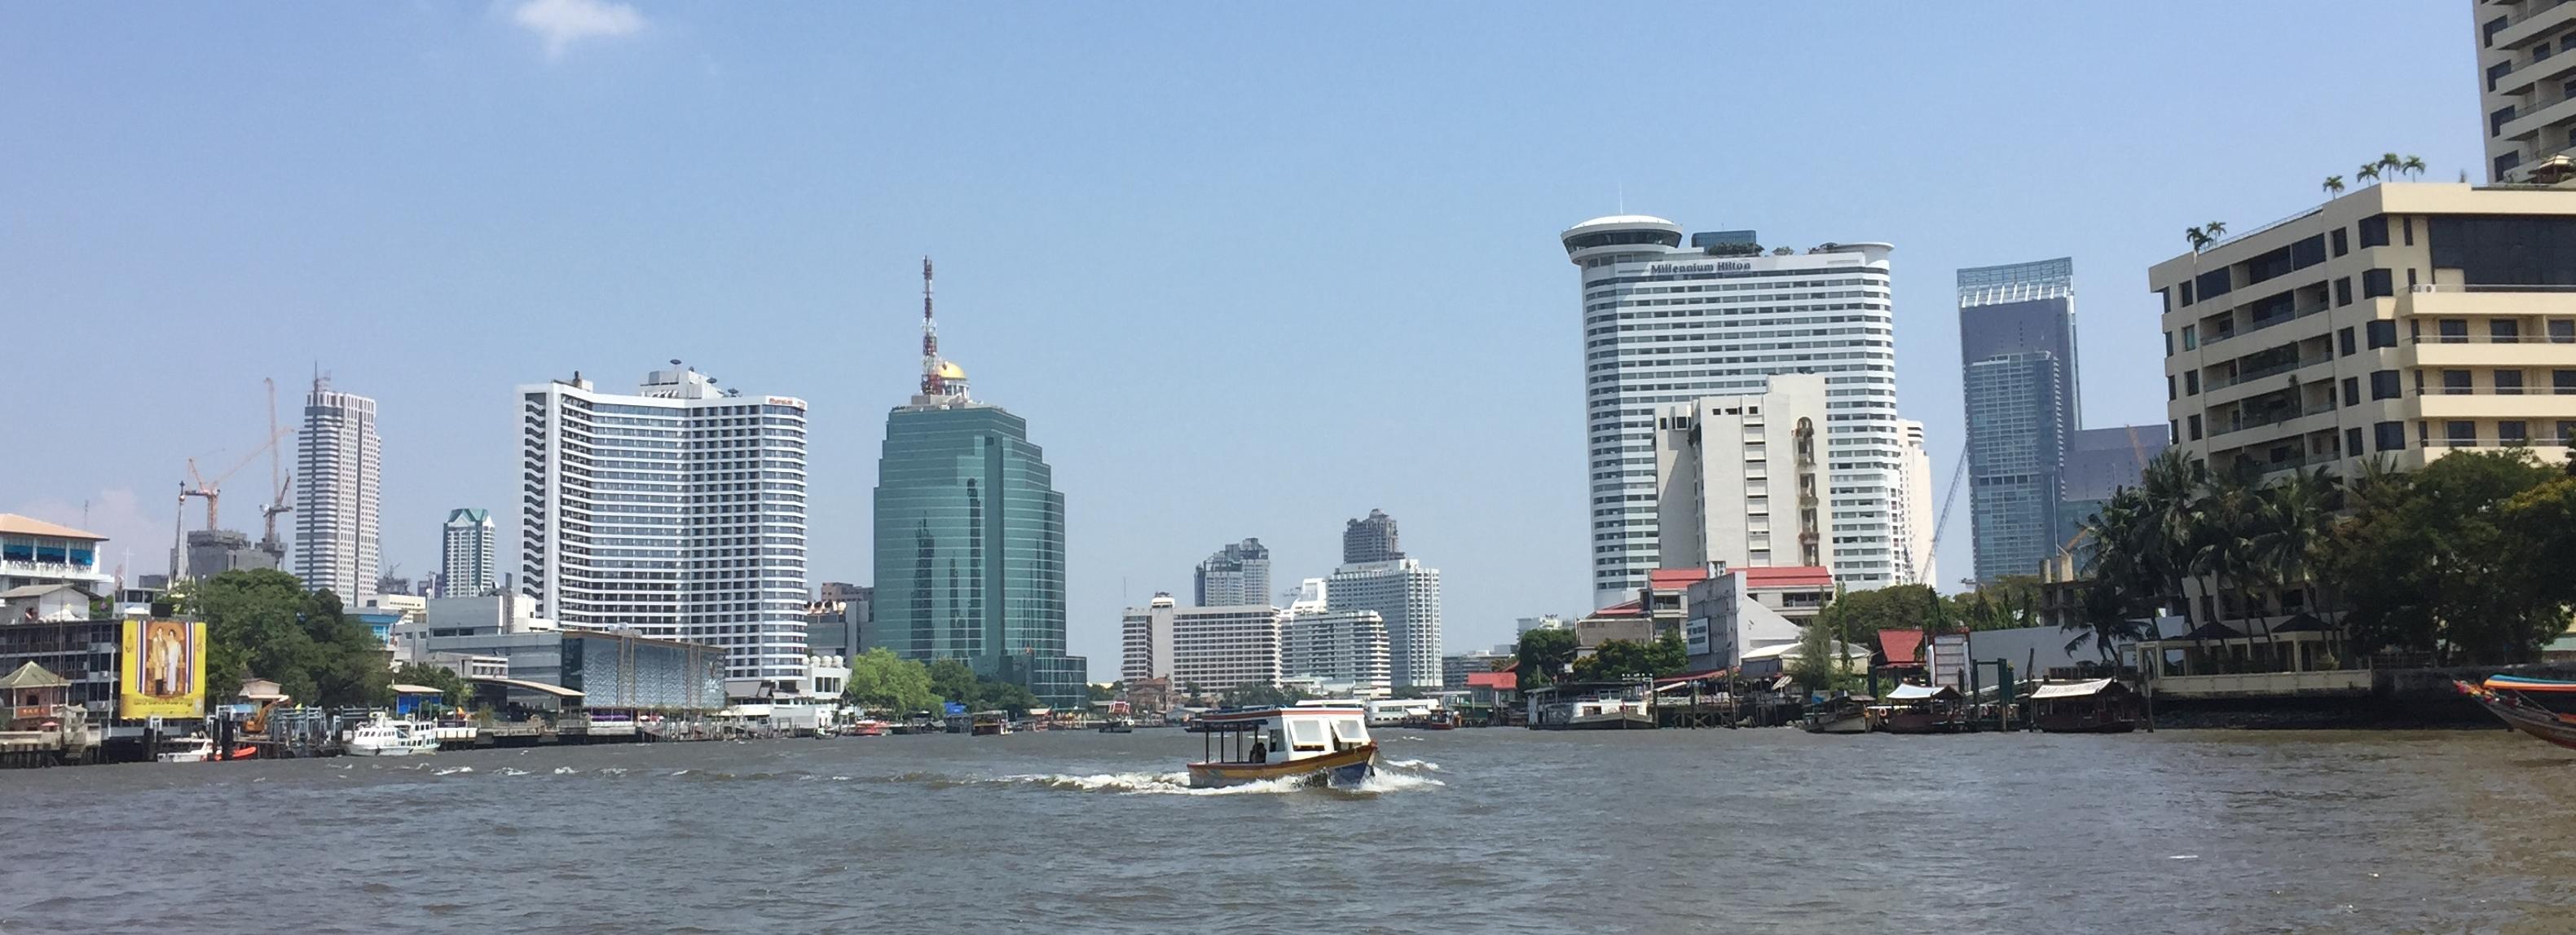 bangkok-chao-phraya-river